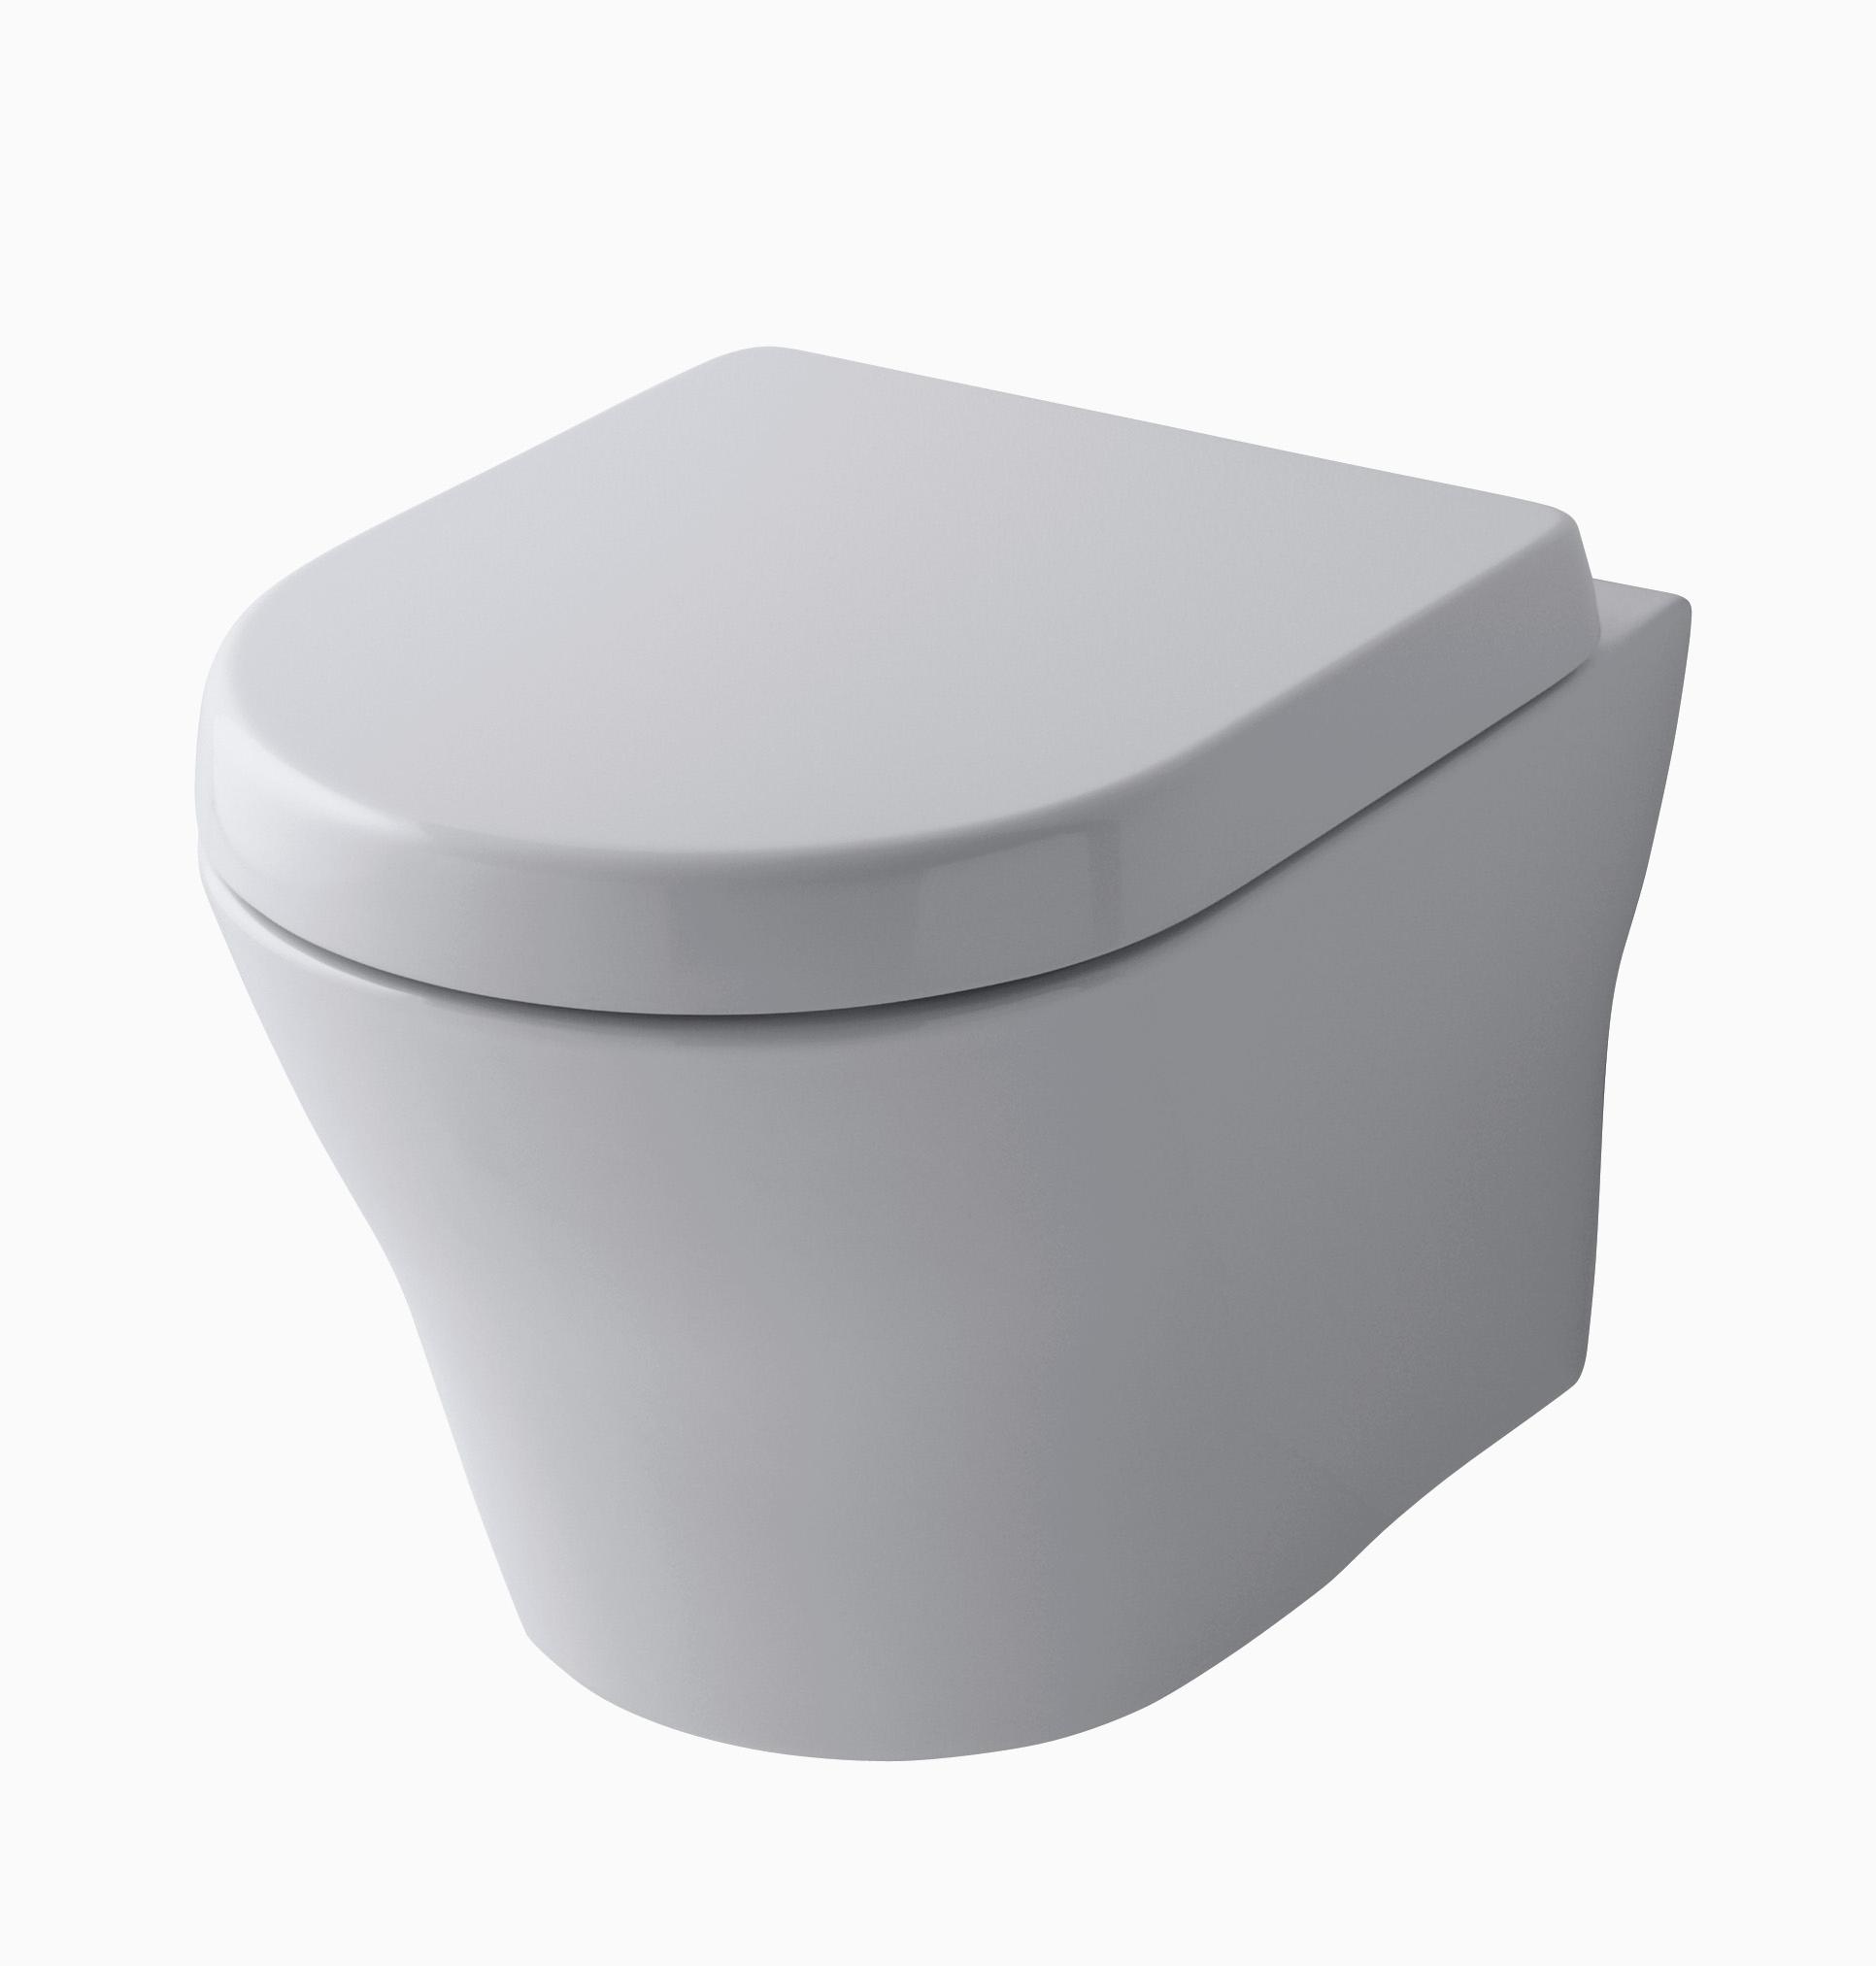 toto vegghengt toalett tempe vvs. Black Bedroom Furniture Sets. Home Design Ideas